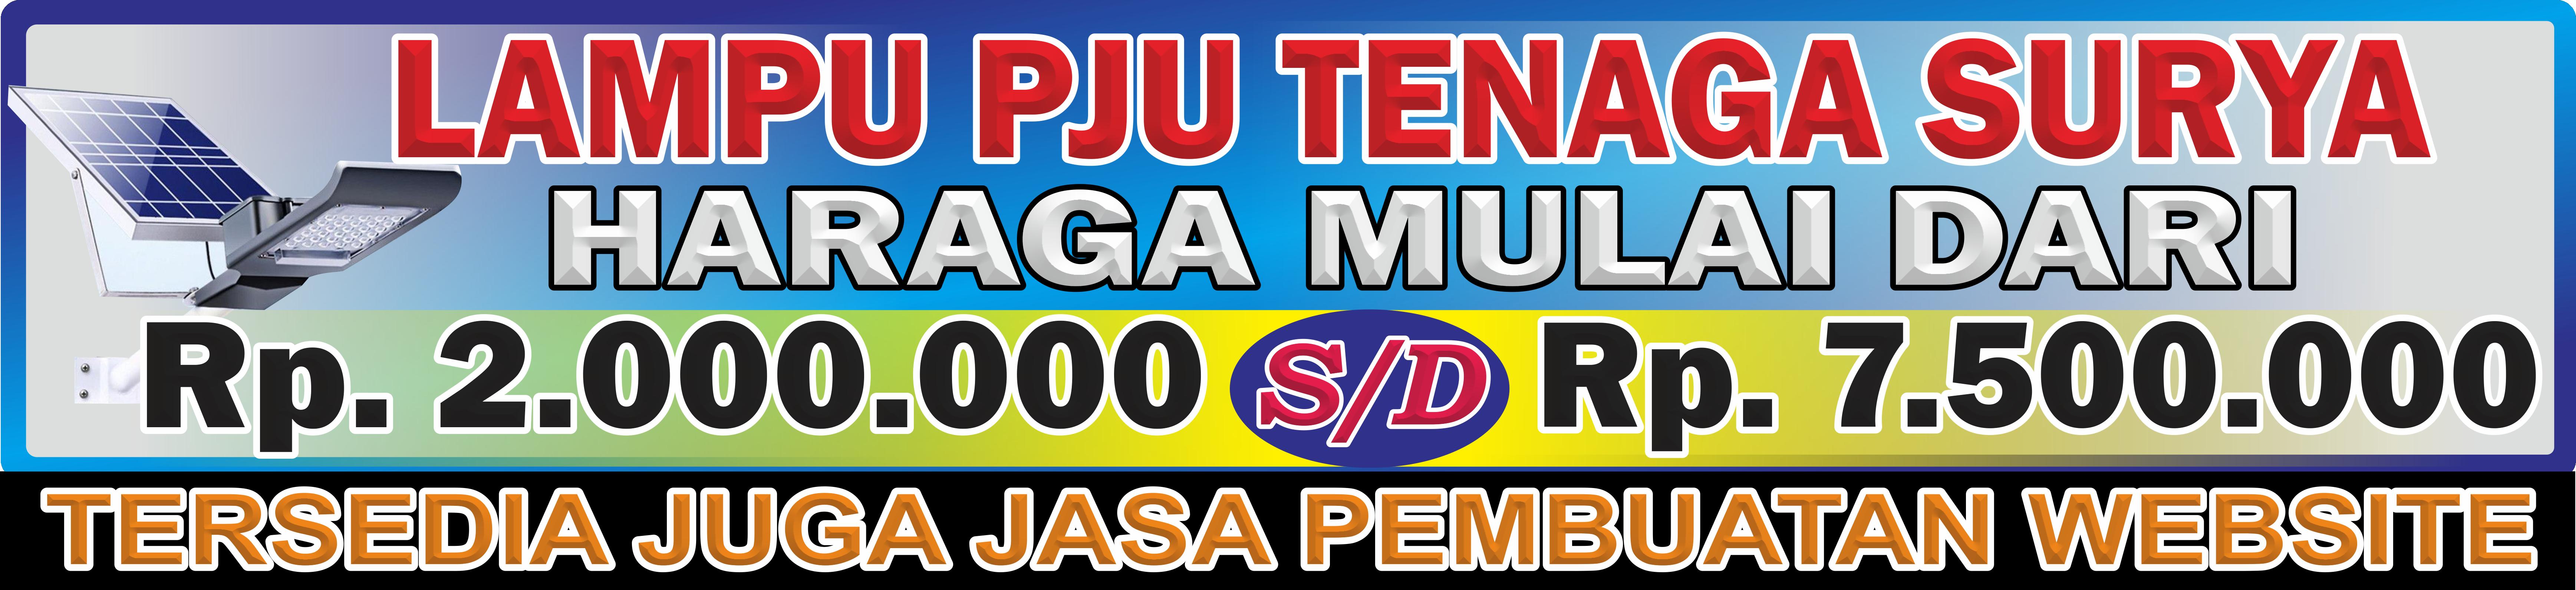 banner 120x600